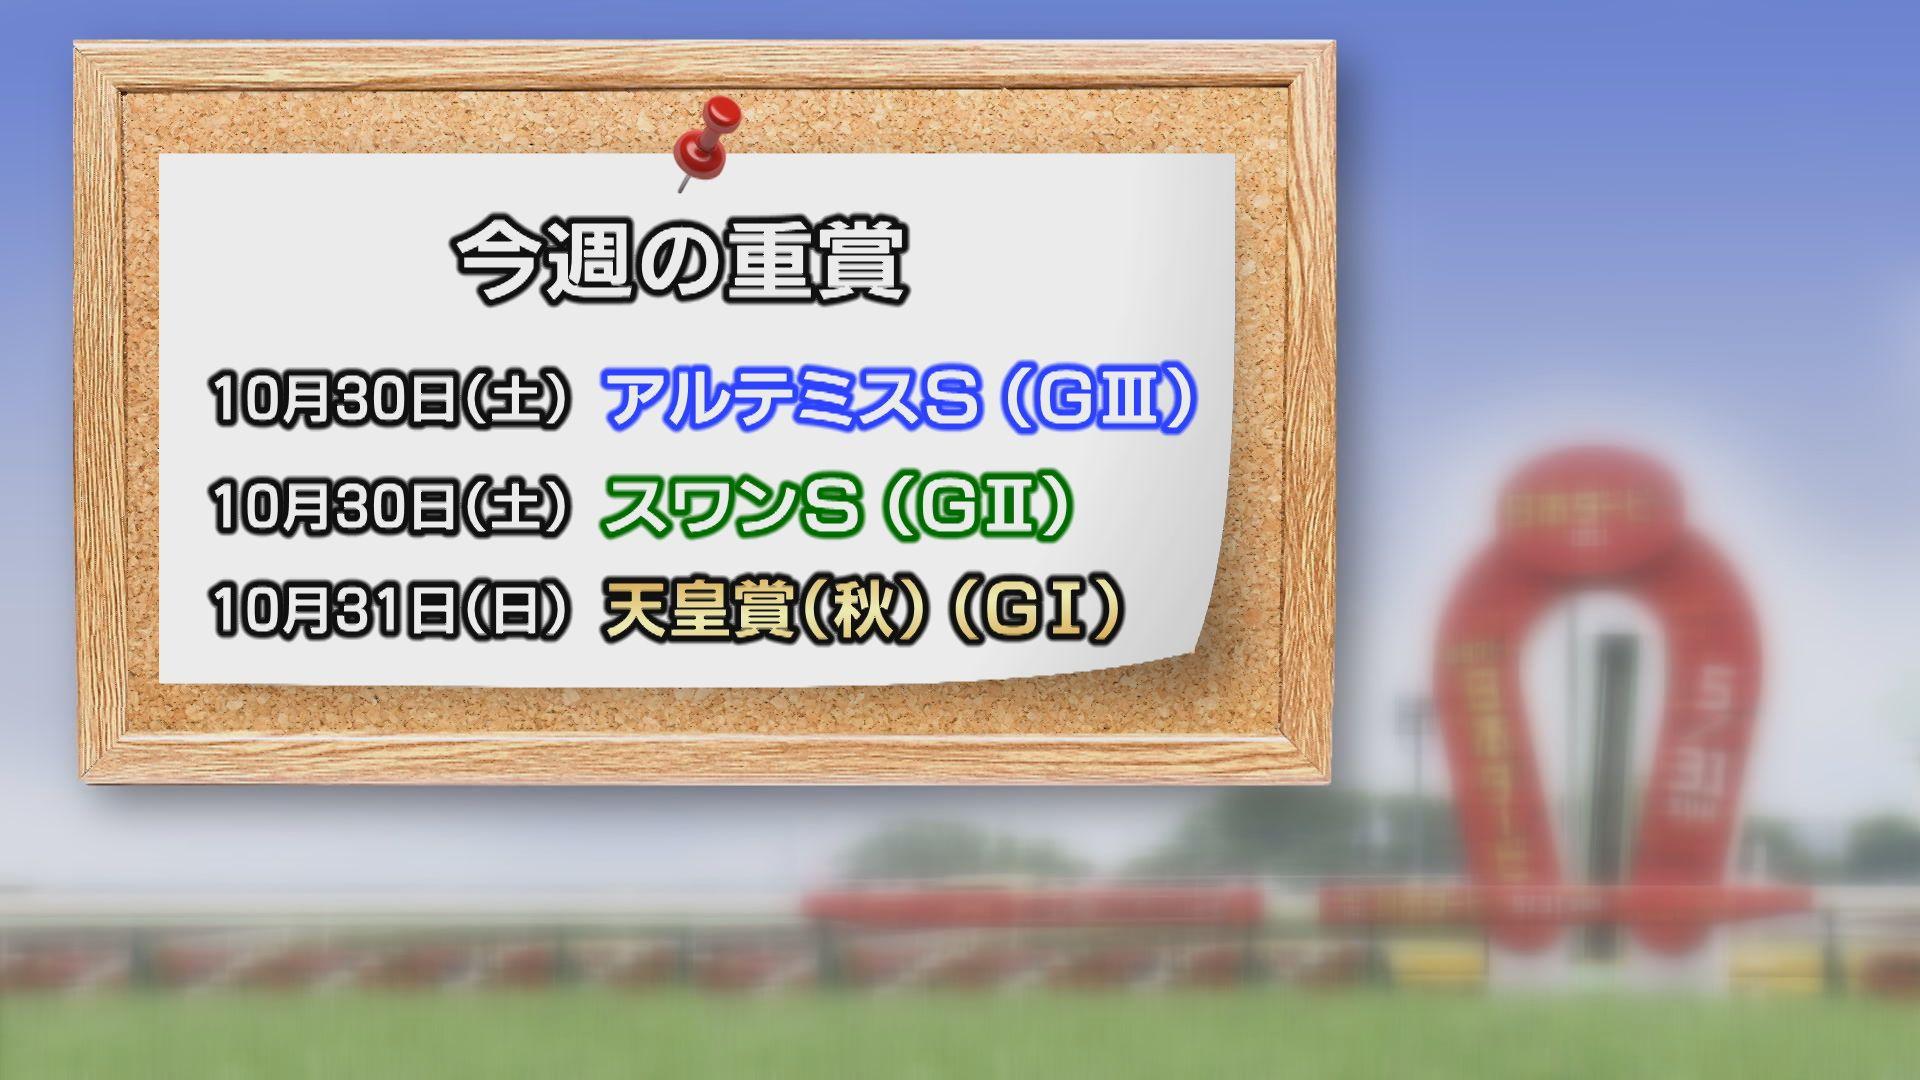 【今週の重賞インフォメーション】スワンS他 10/30(土)